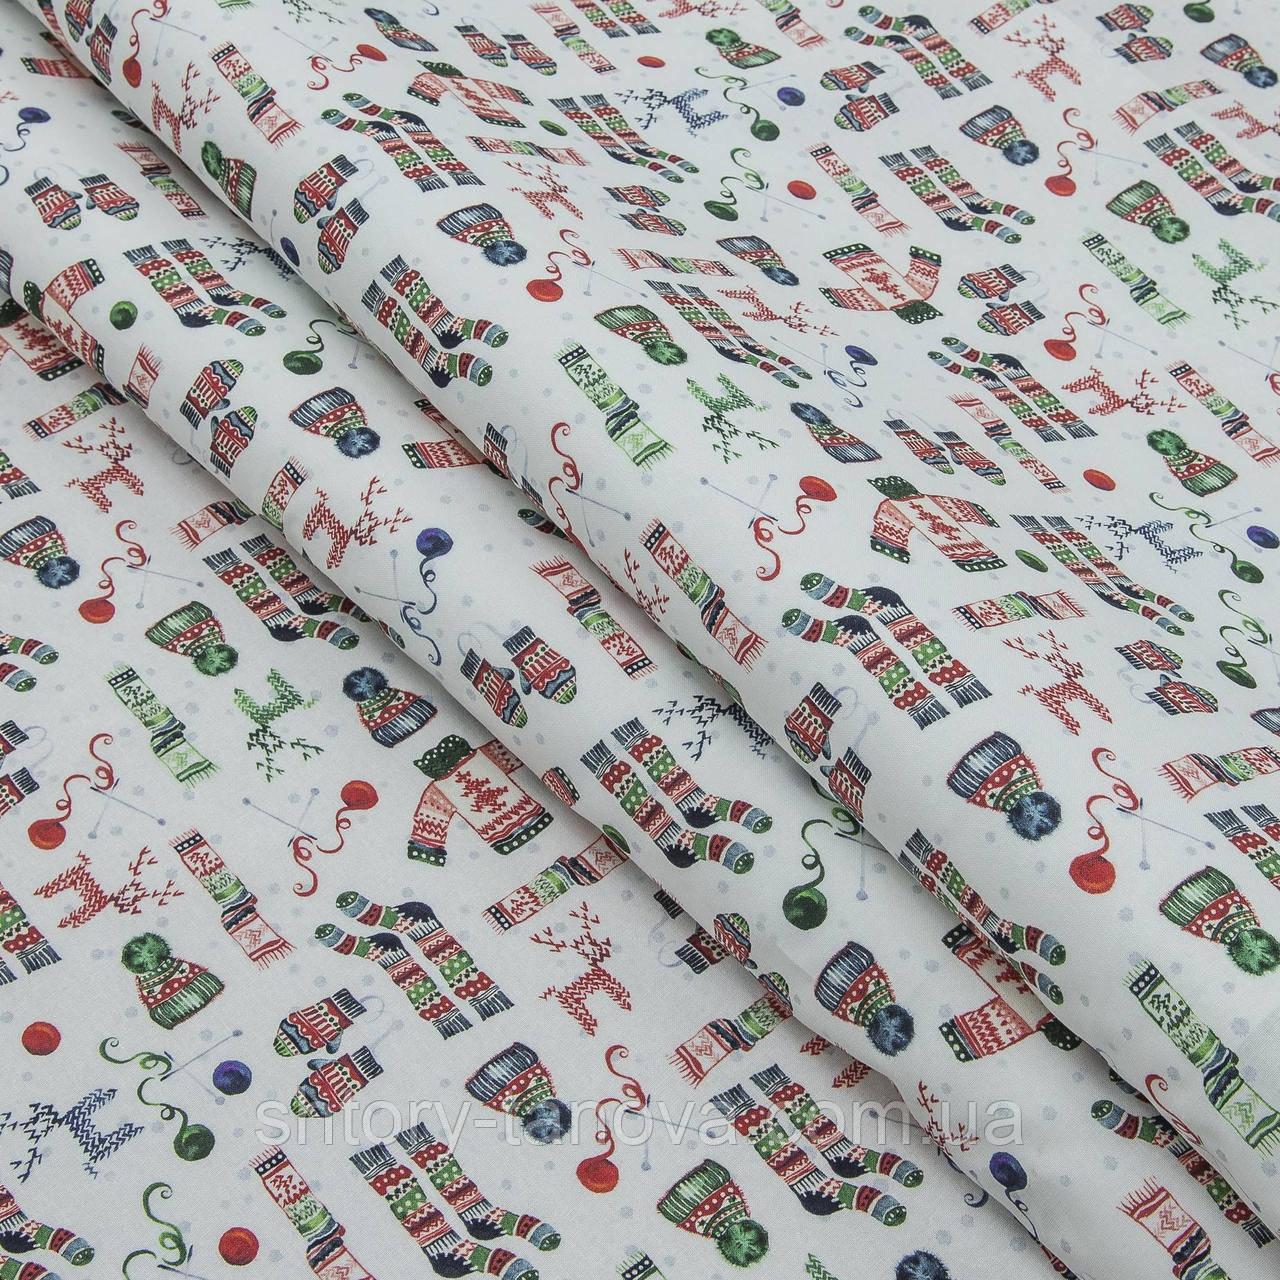 Декоративная ткань, хлопок 100%, с новогодним принтом